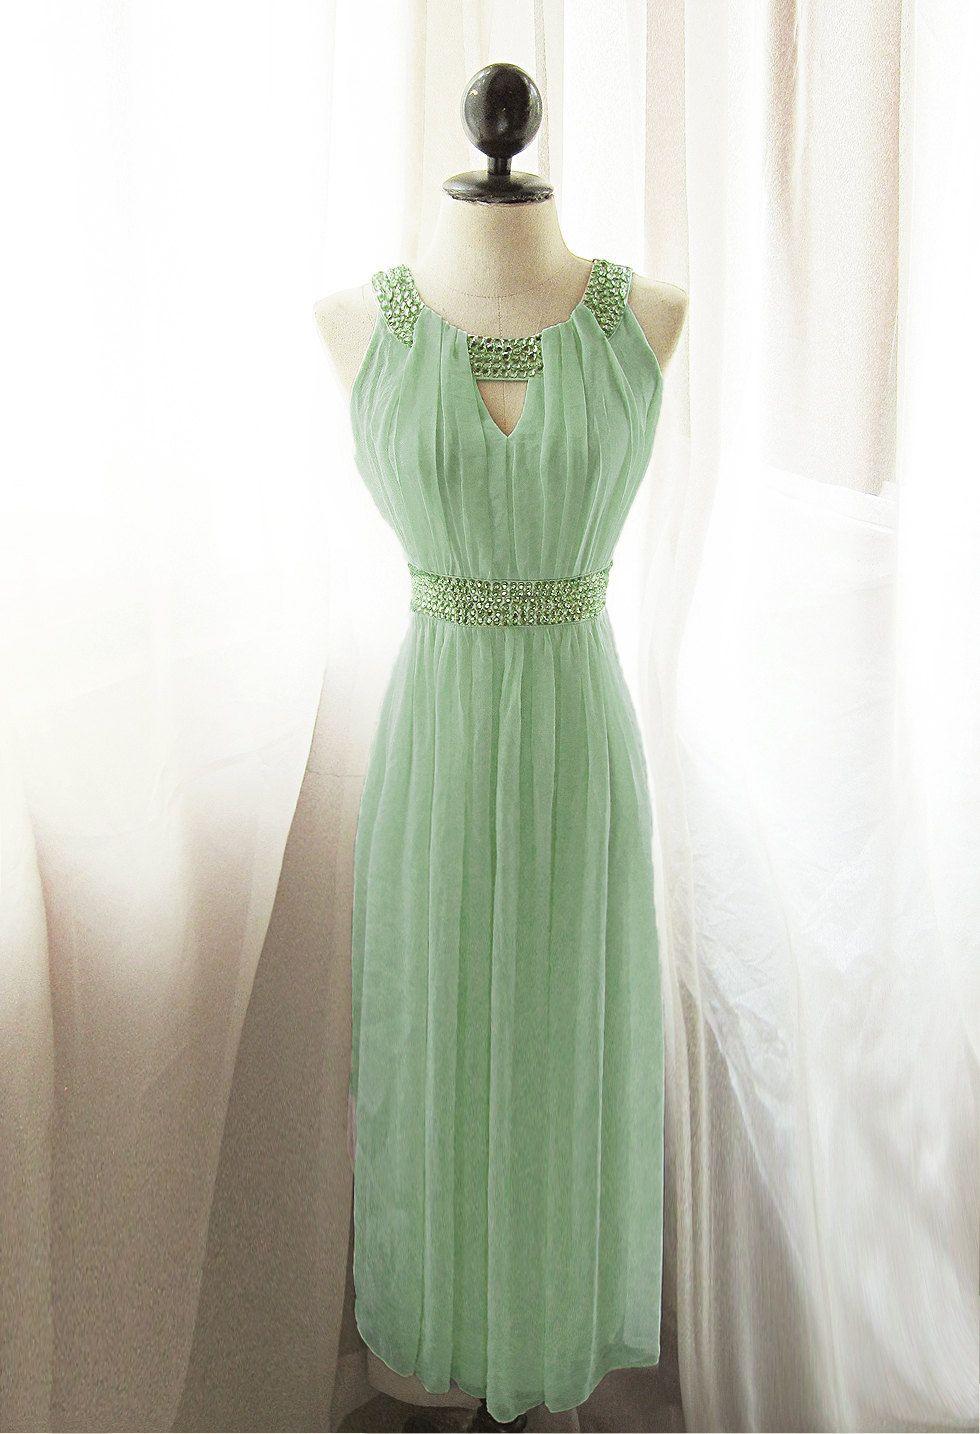 Egyptian Goddess Absinthe Mint Vineyard Green Chiffon Long Cocktail